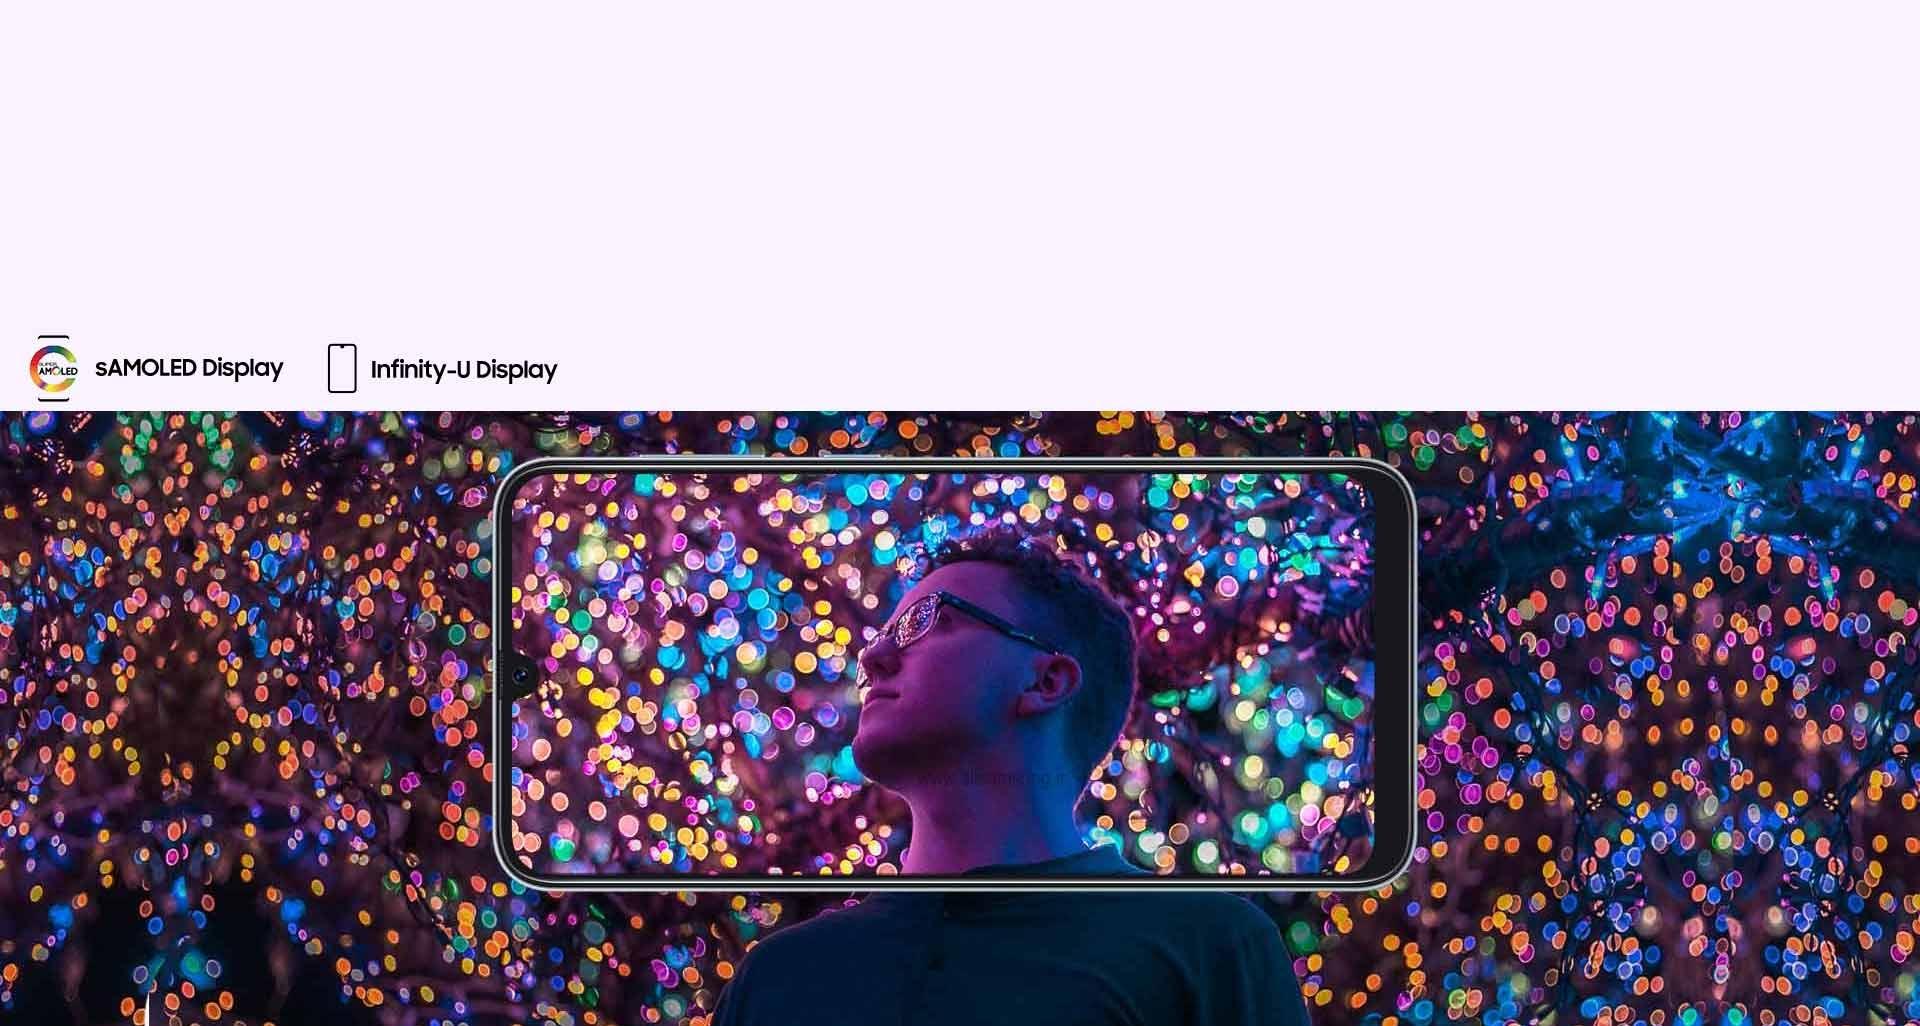 تجربه دیداری متفاوت با نمایشگر بی نظیر گوشی گلکسی A30